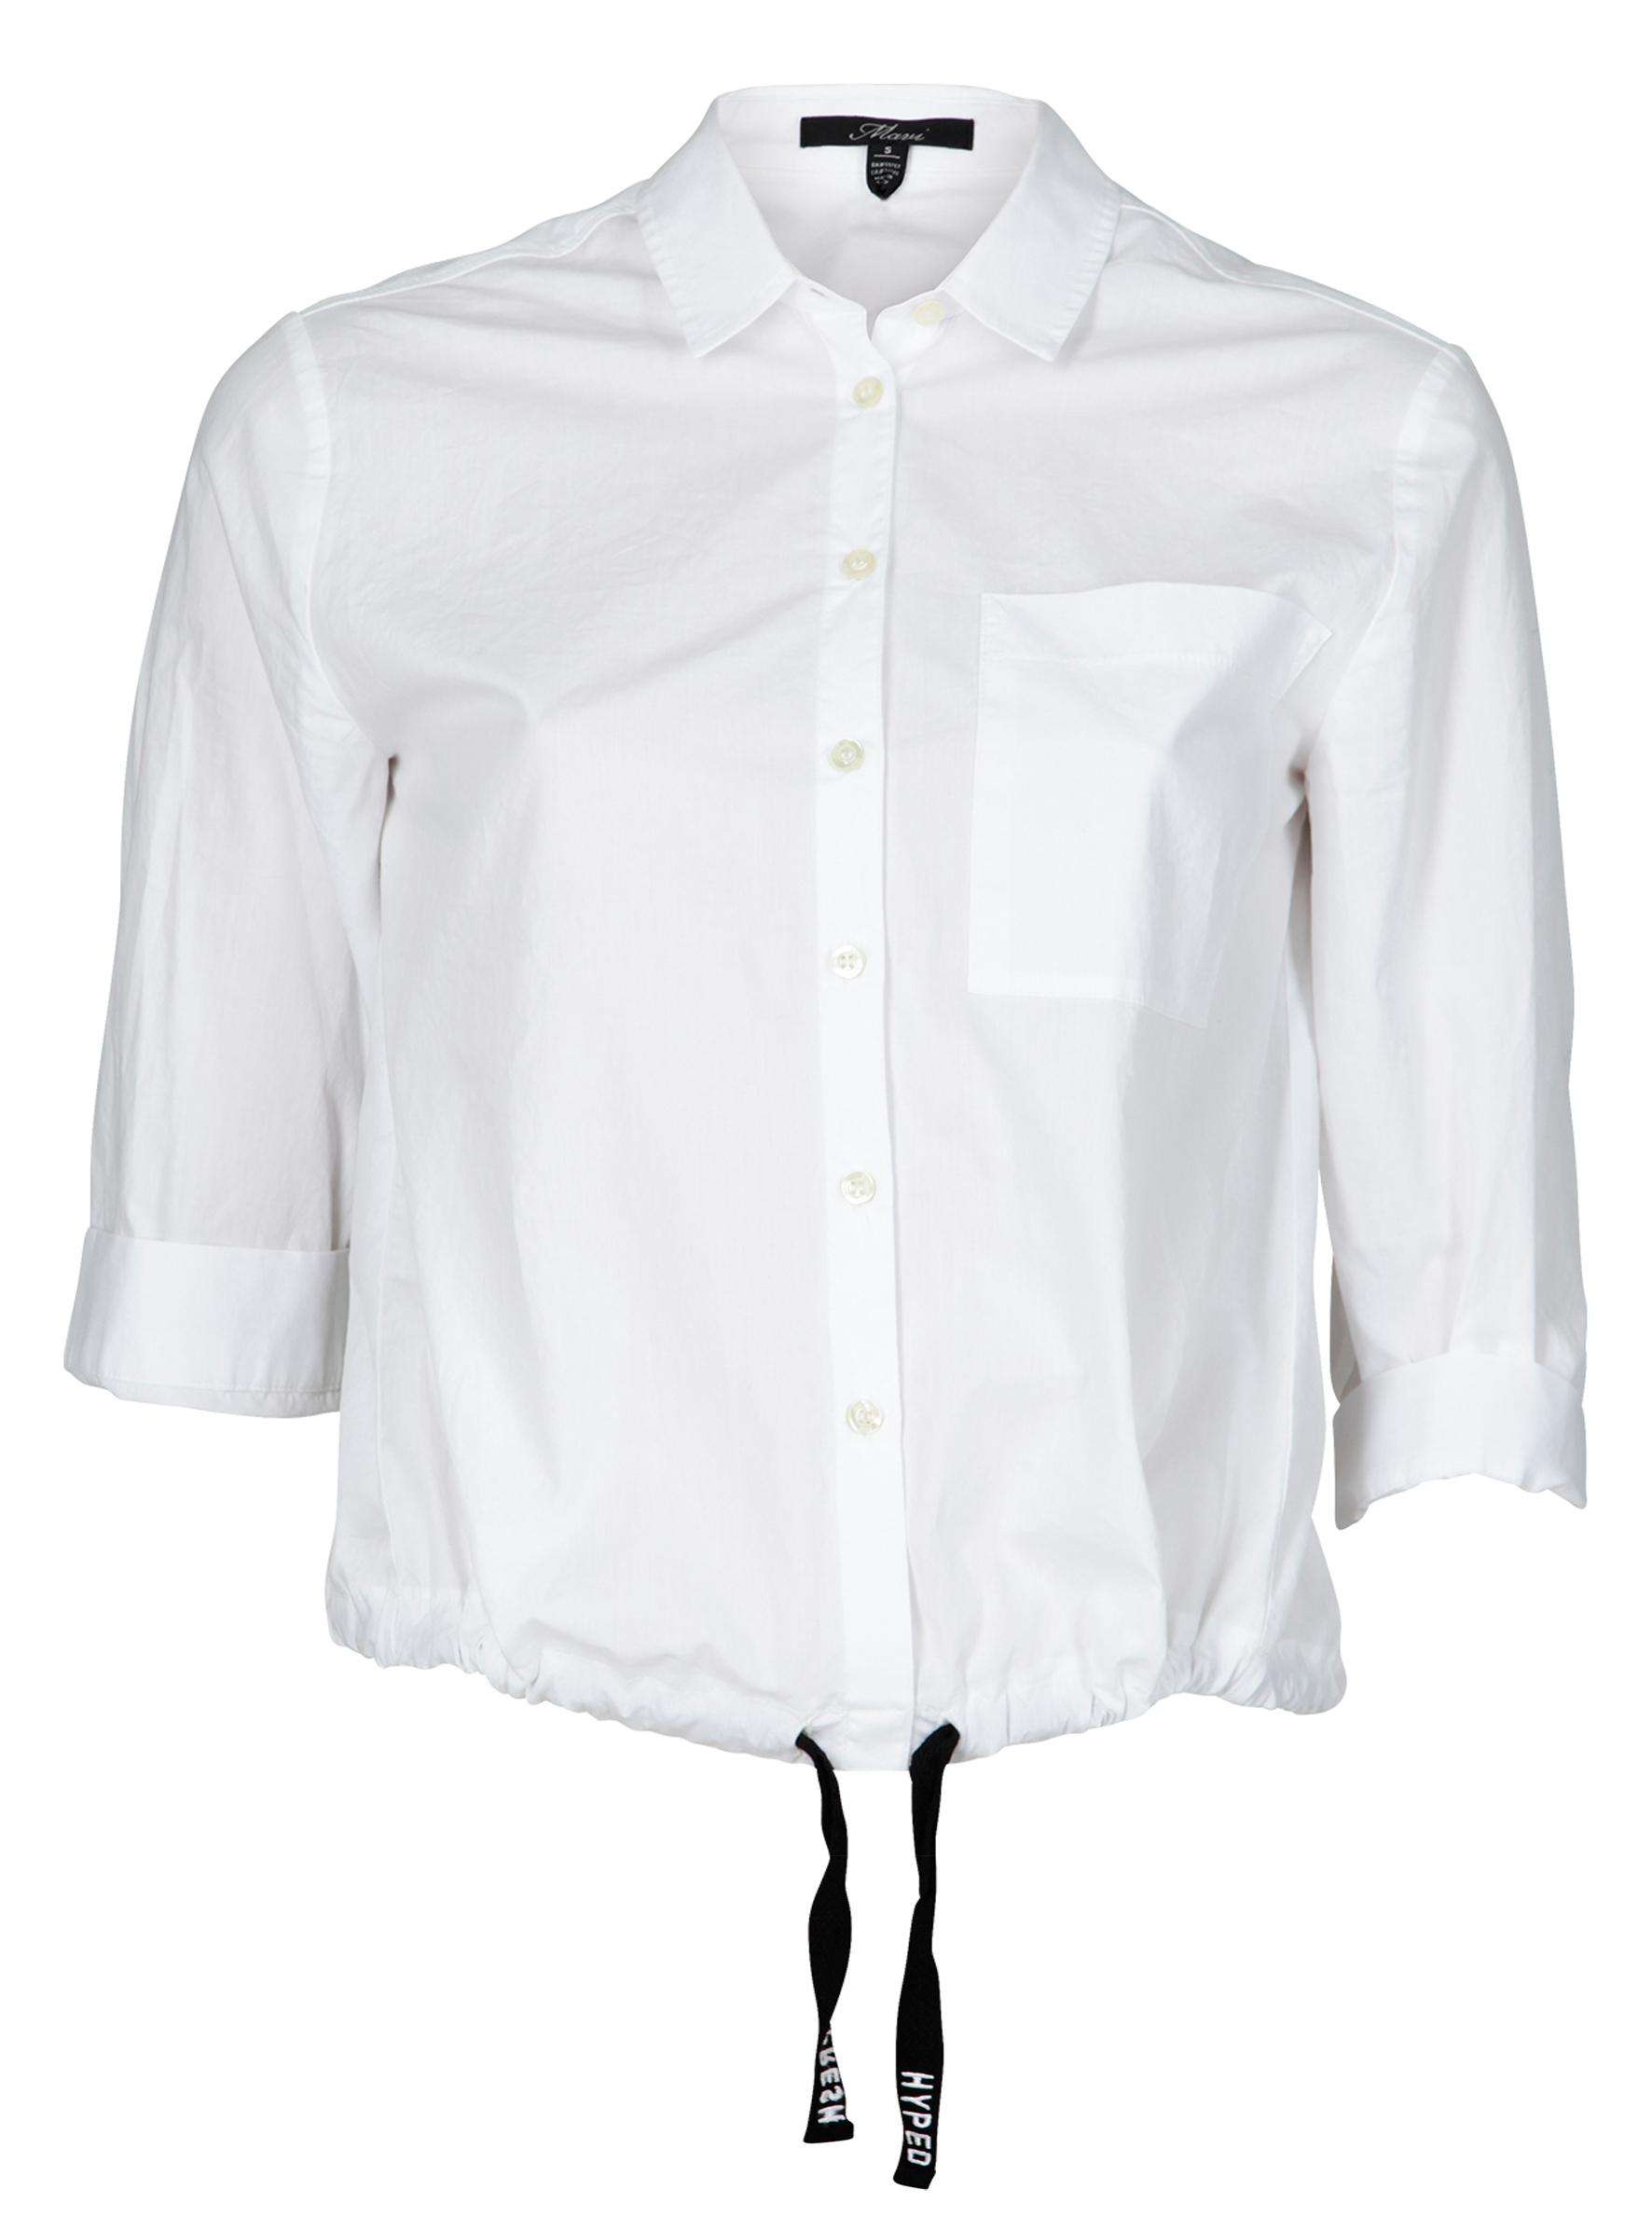 Weiße langarm Bluse mit Statement Schnürung am Bund in der Mavi Jeans Sommerkollektion